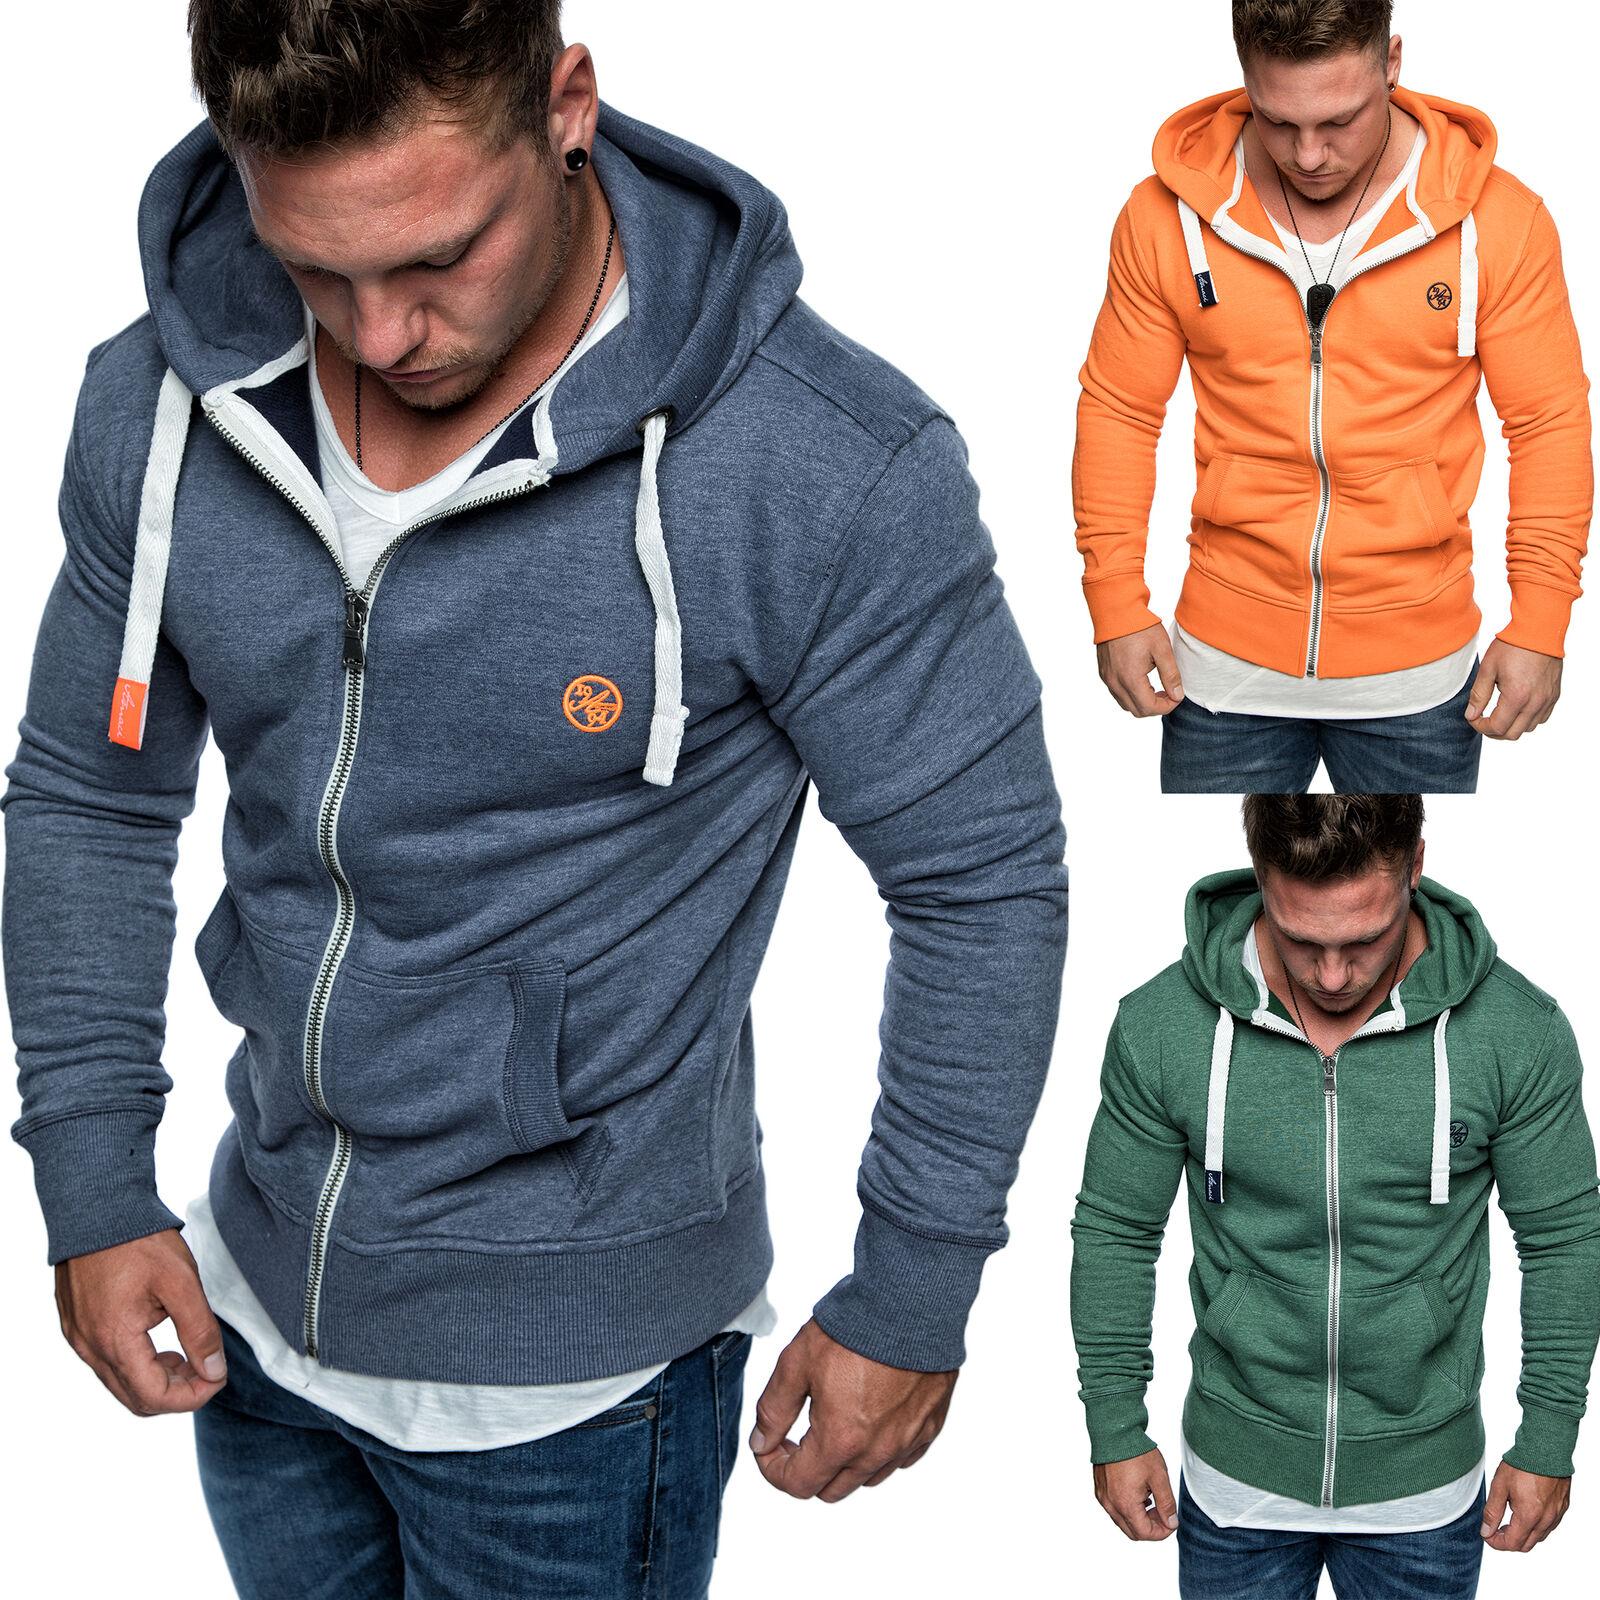 Herren Zipper Kapuzenpullover Sweatjacke Pullover Hoodie Sweatshirt 1-04029